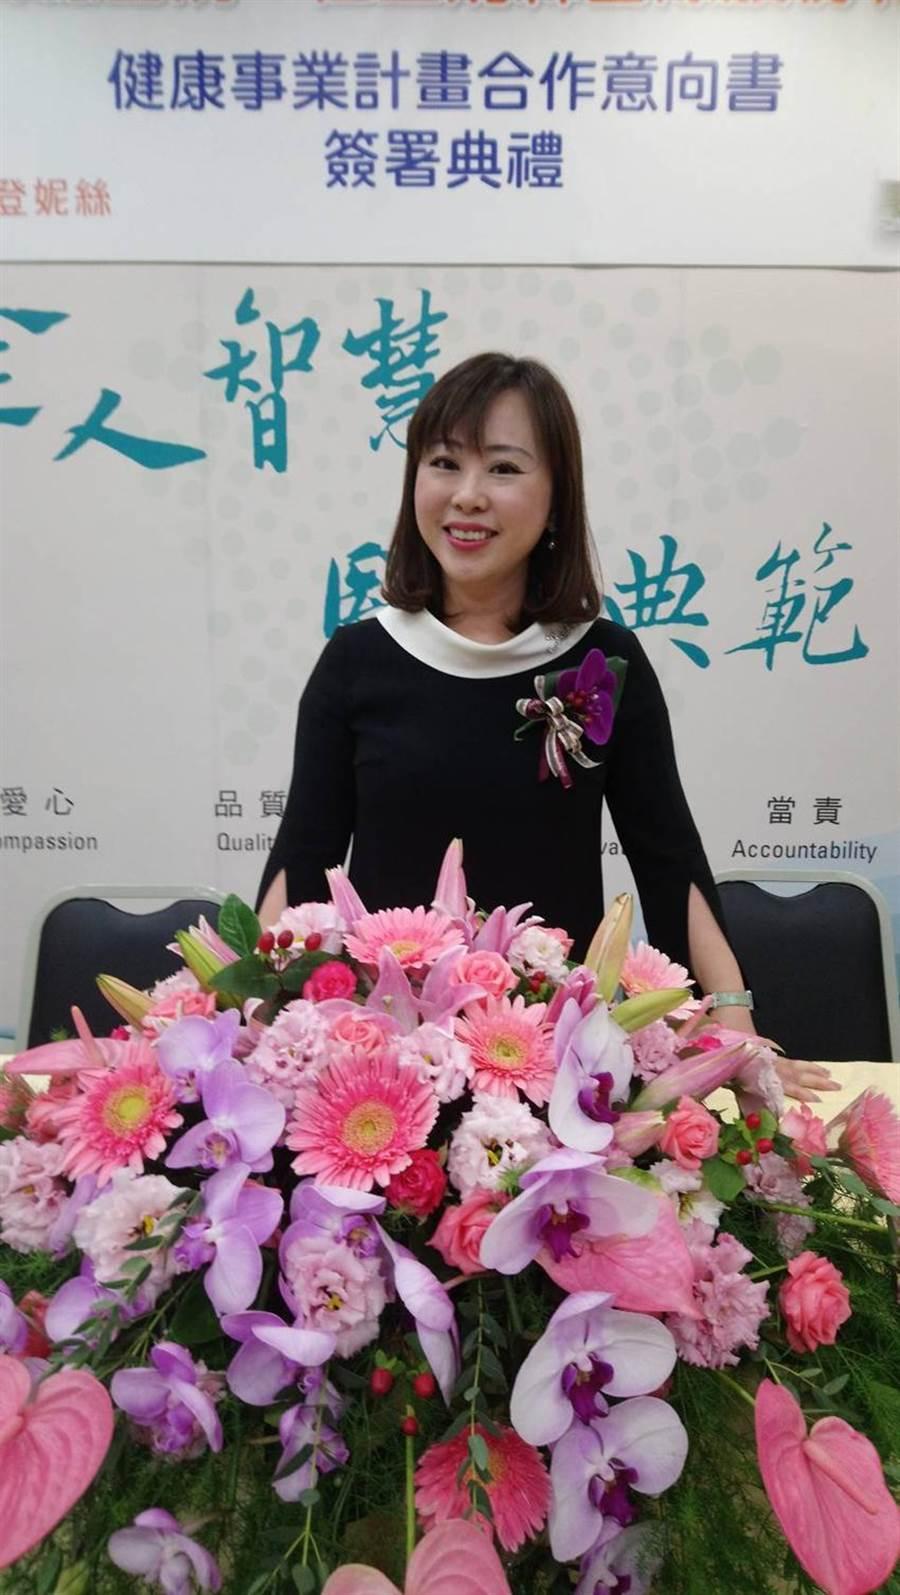 佐登妮絲集團執行長陳佳琦表示,集團未來將強力拓展大陸醫美通路。圖/曾麗芳